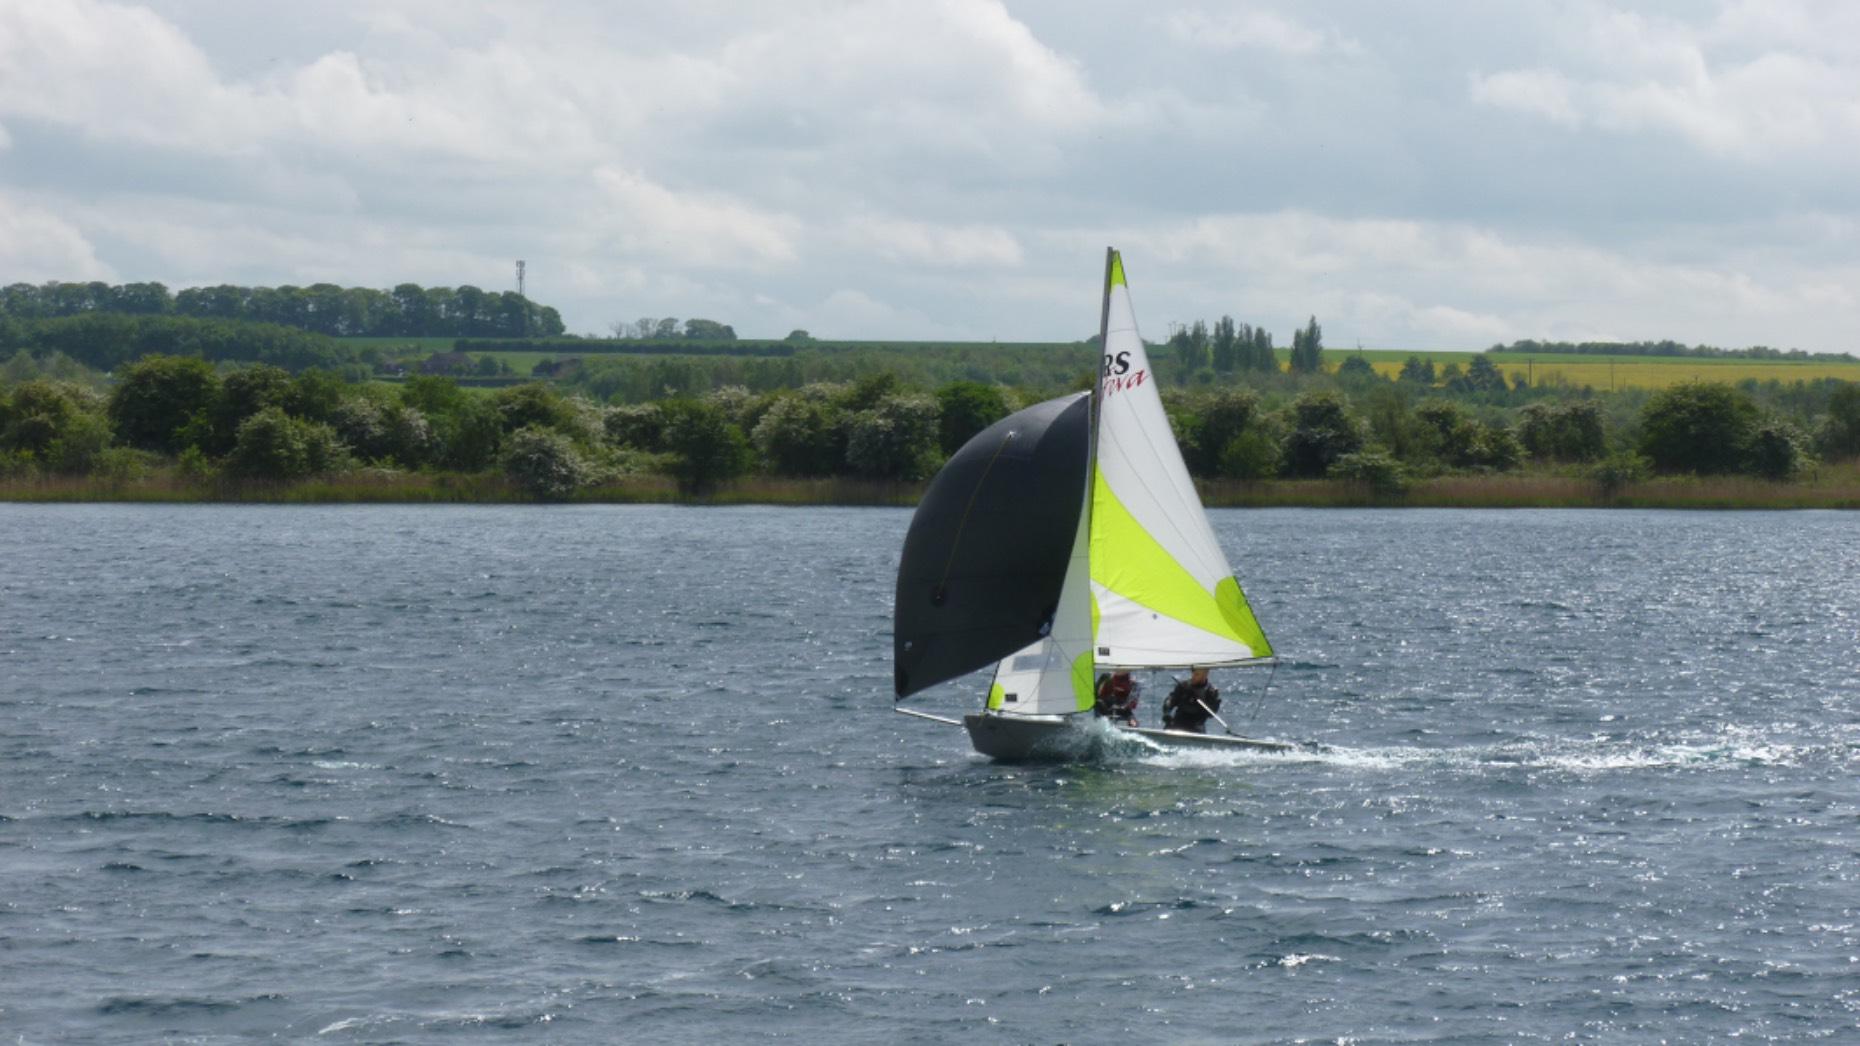 New junior sailing dinghy